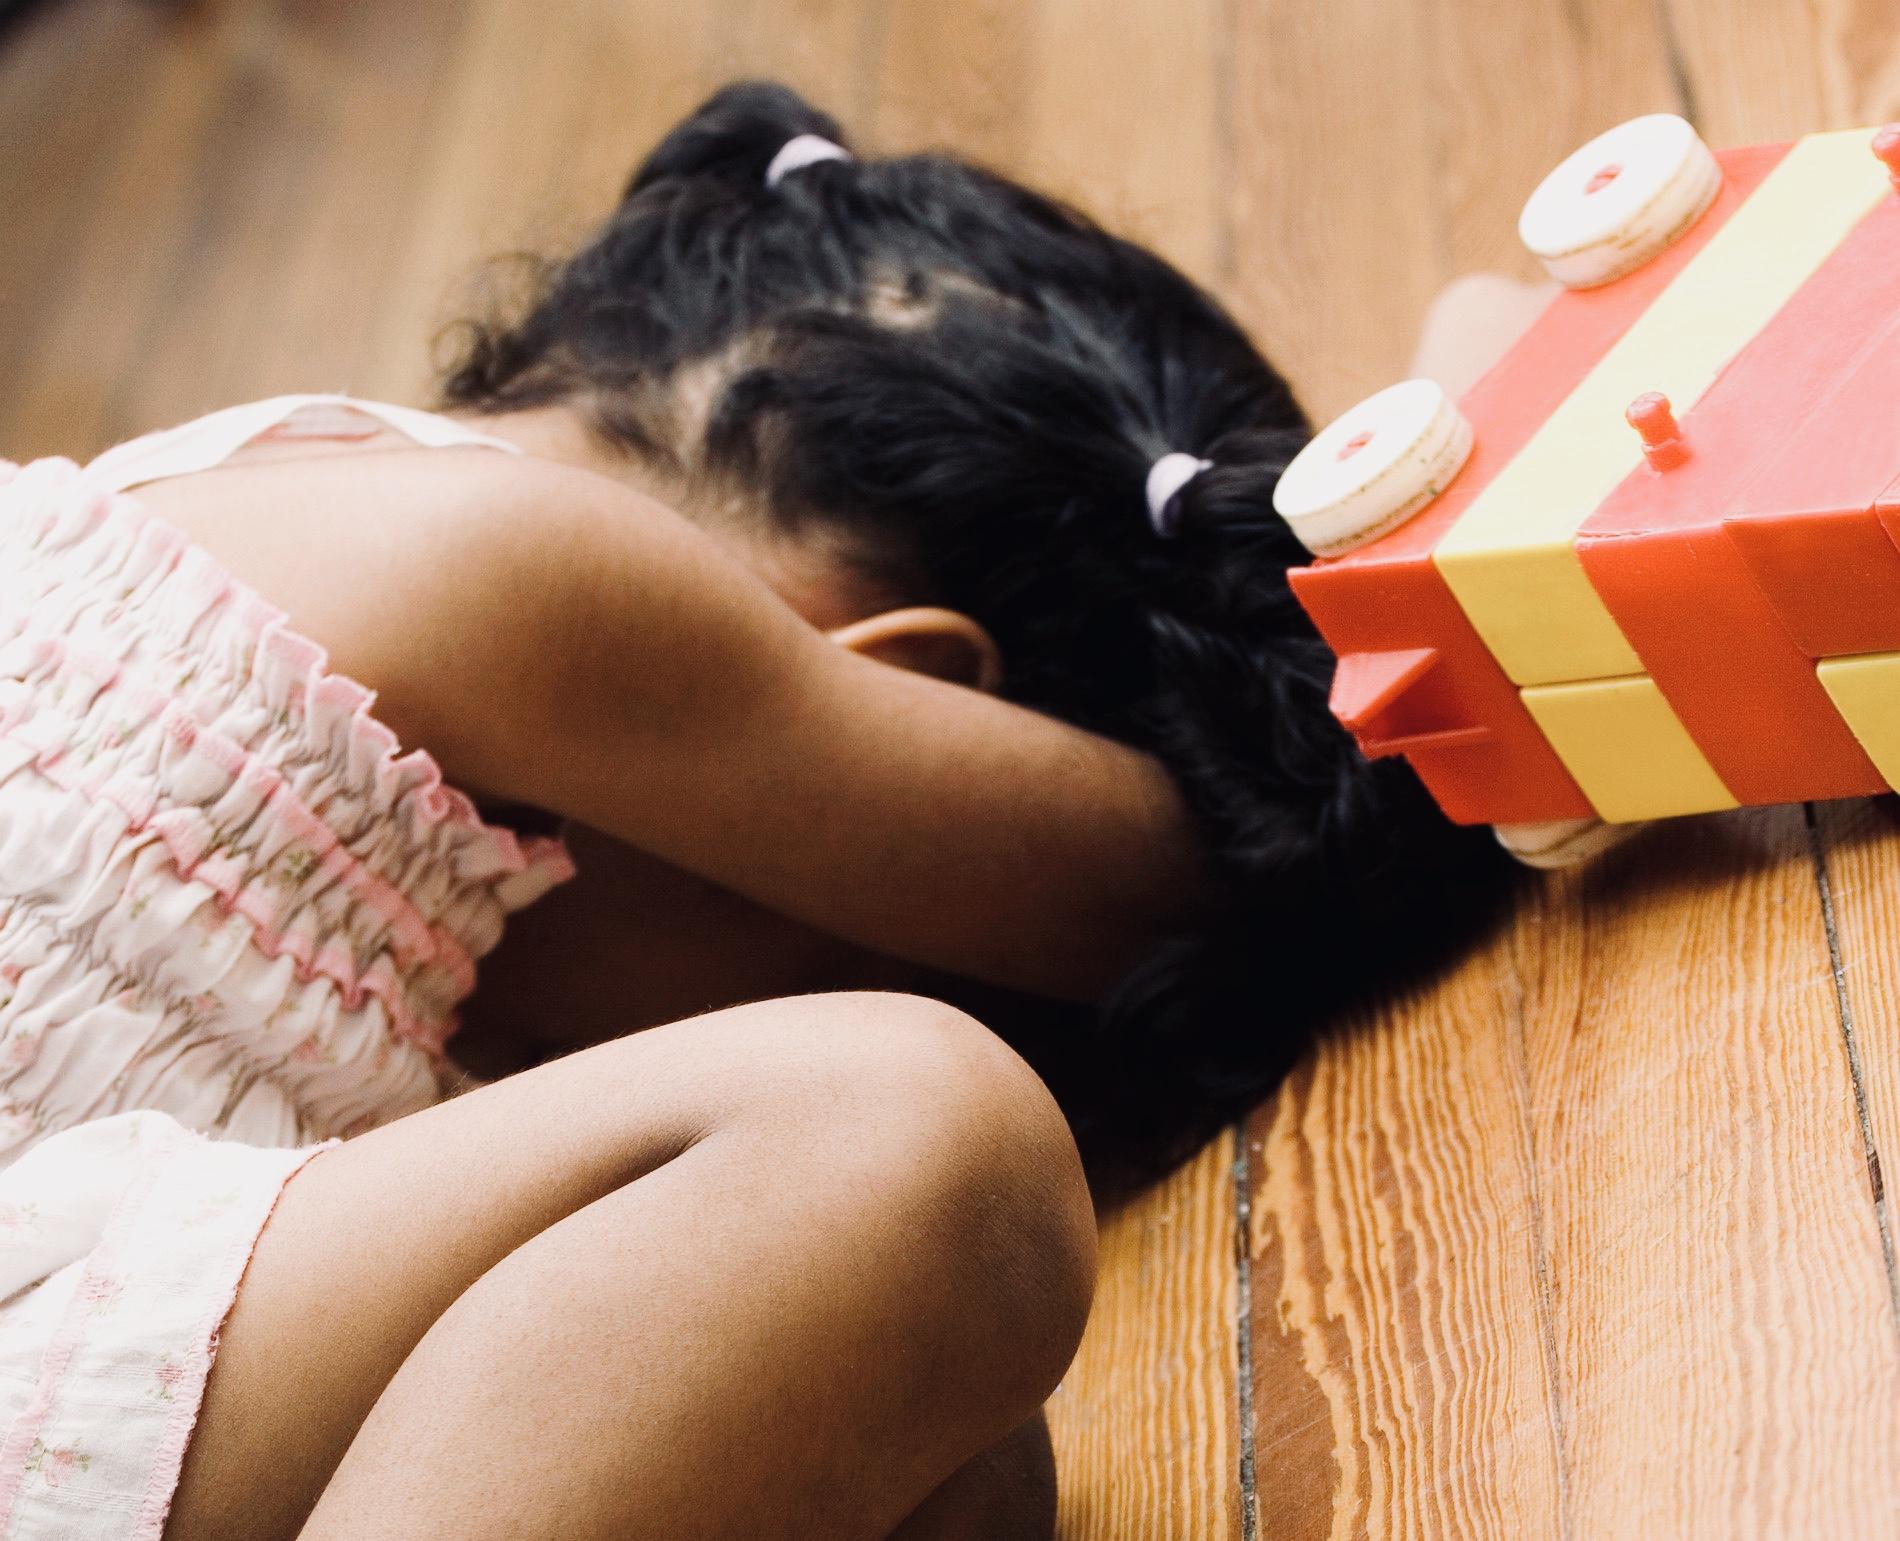 Emotionaalinen turvattomuus astuu paikalle kun lapsen kokemus mitätöidään